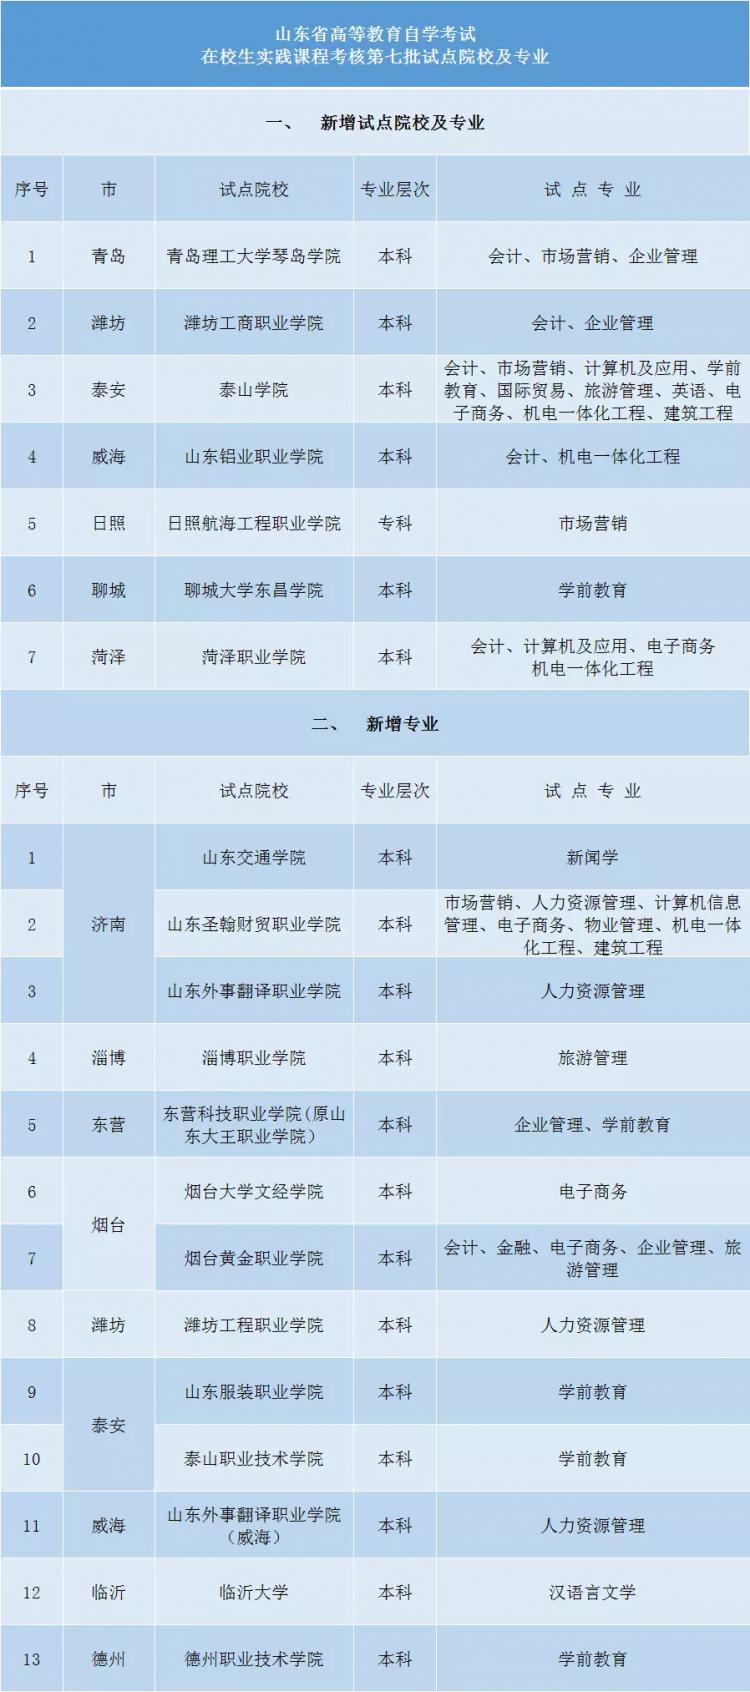 20所!山东高考自考实践考核第七批试点名单公布